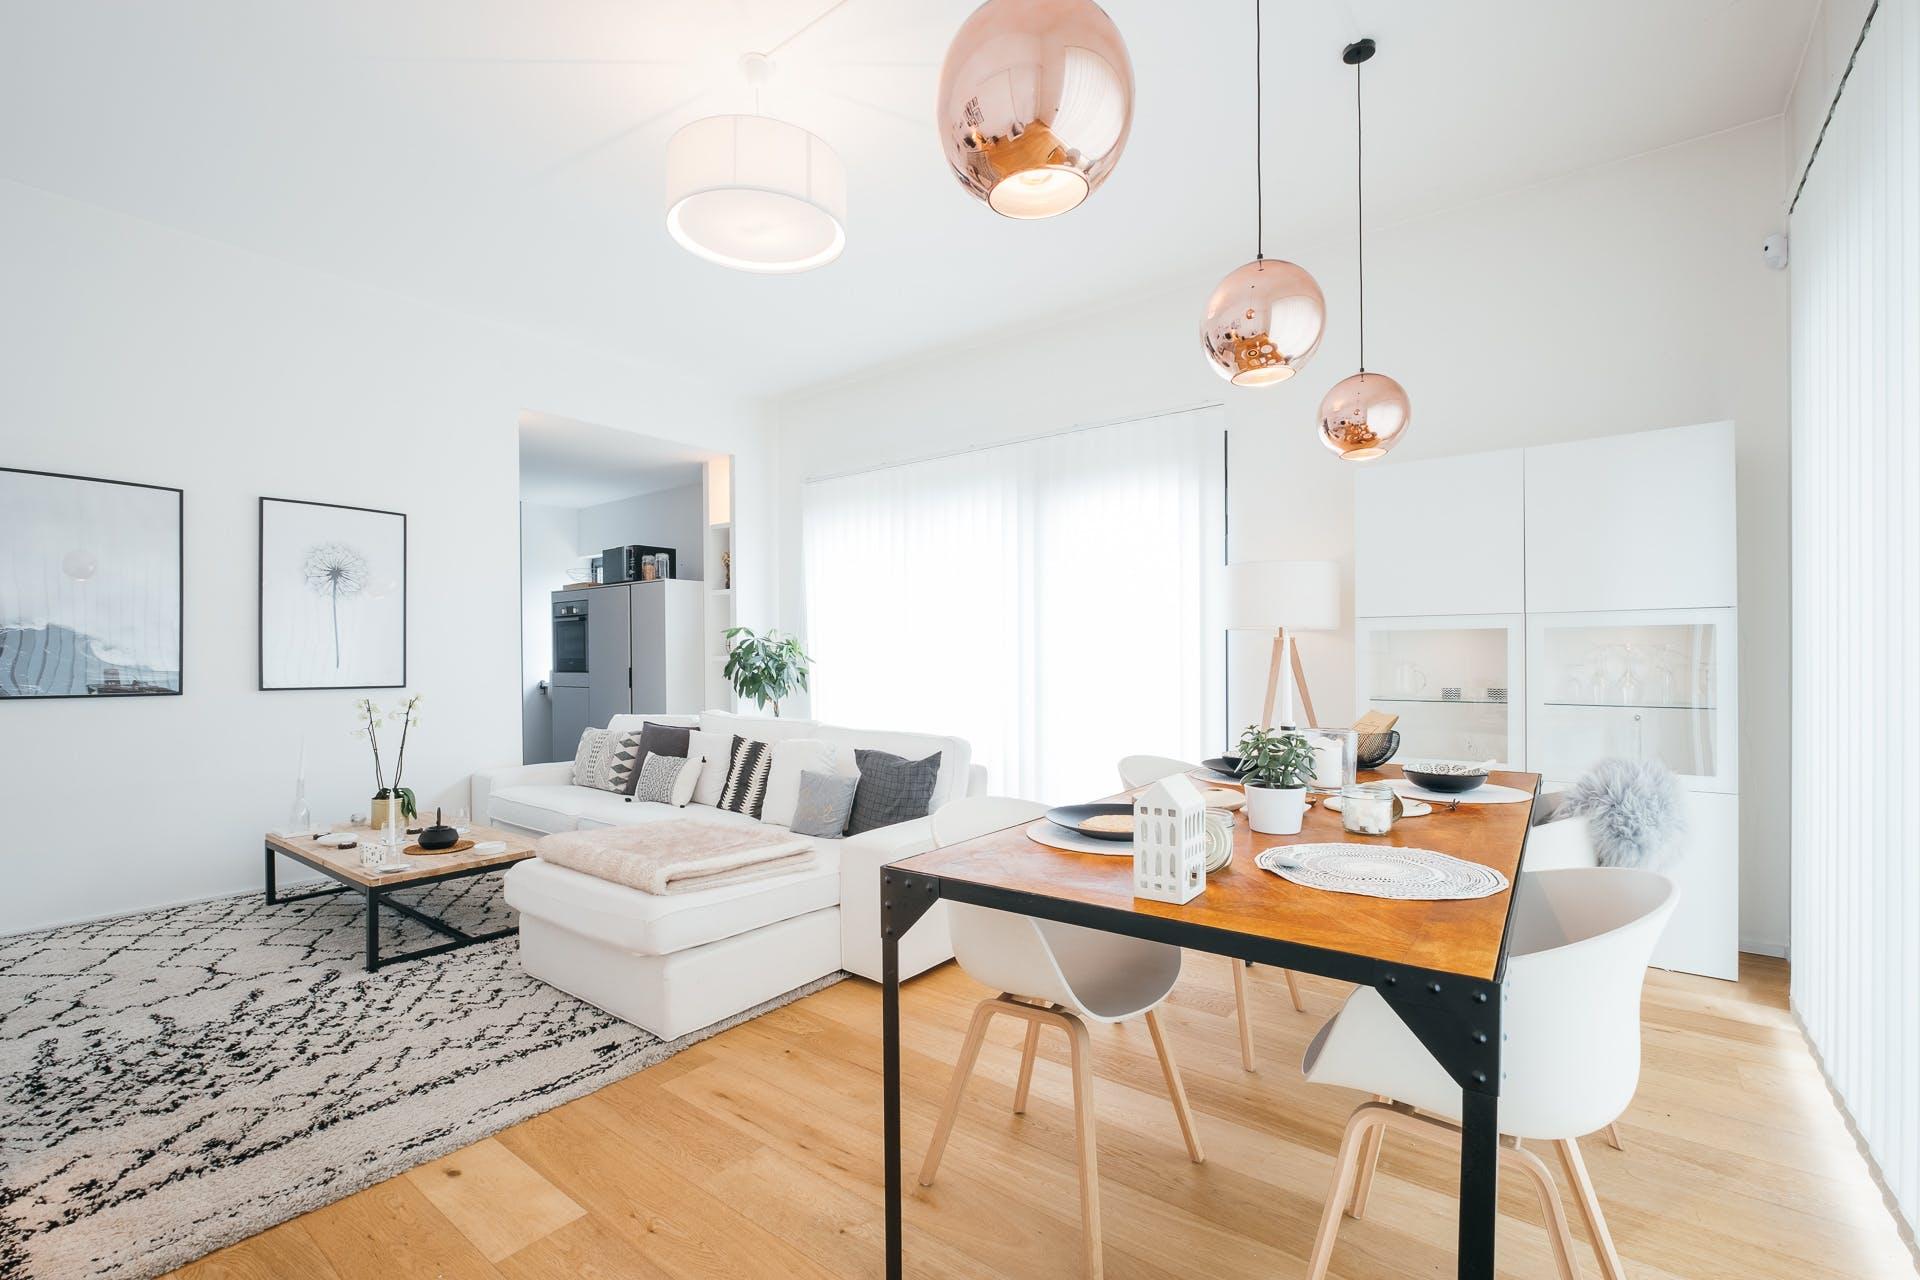 Photographie immobilière, photographie appartement, photographe immobilier